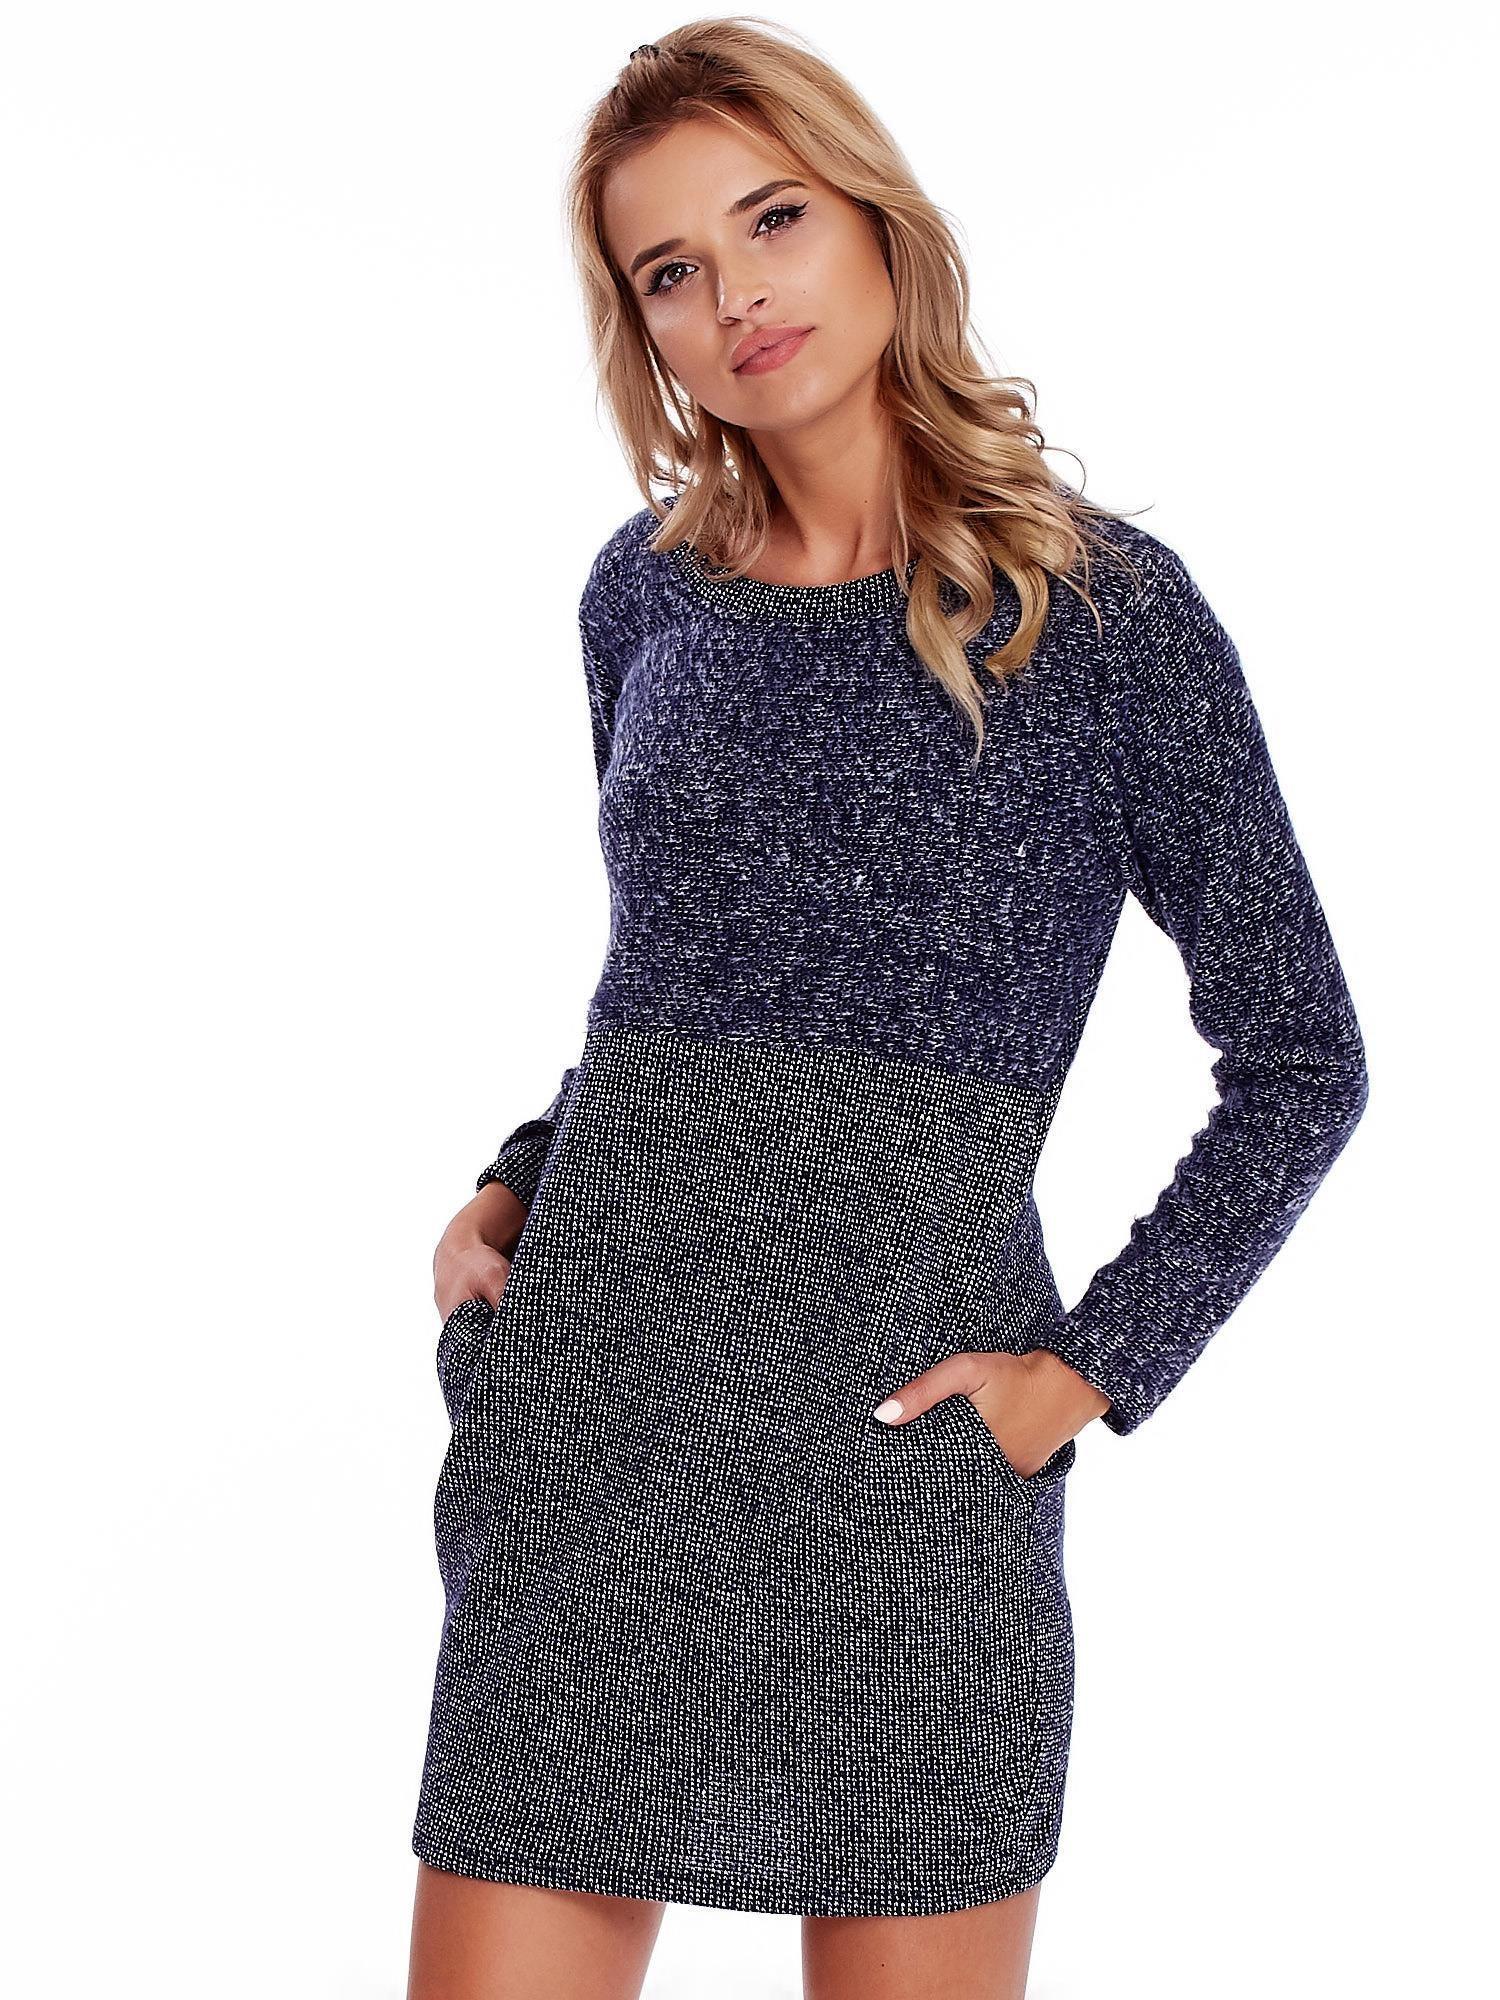 610ec6fbeb Granatowa sukienka dzianinowa z kieszeniami - Sukienka dzianinowa ...